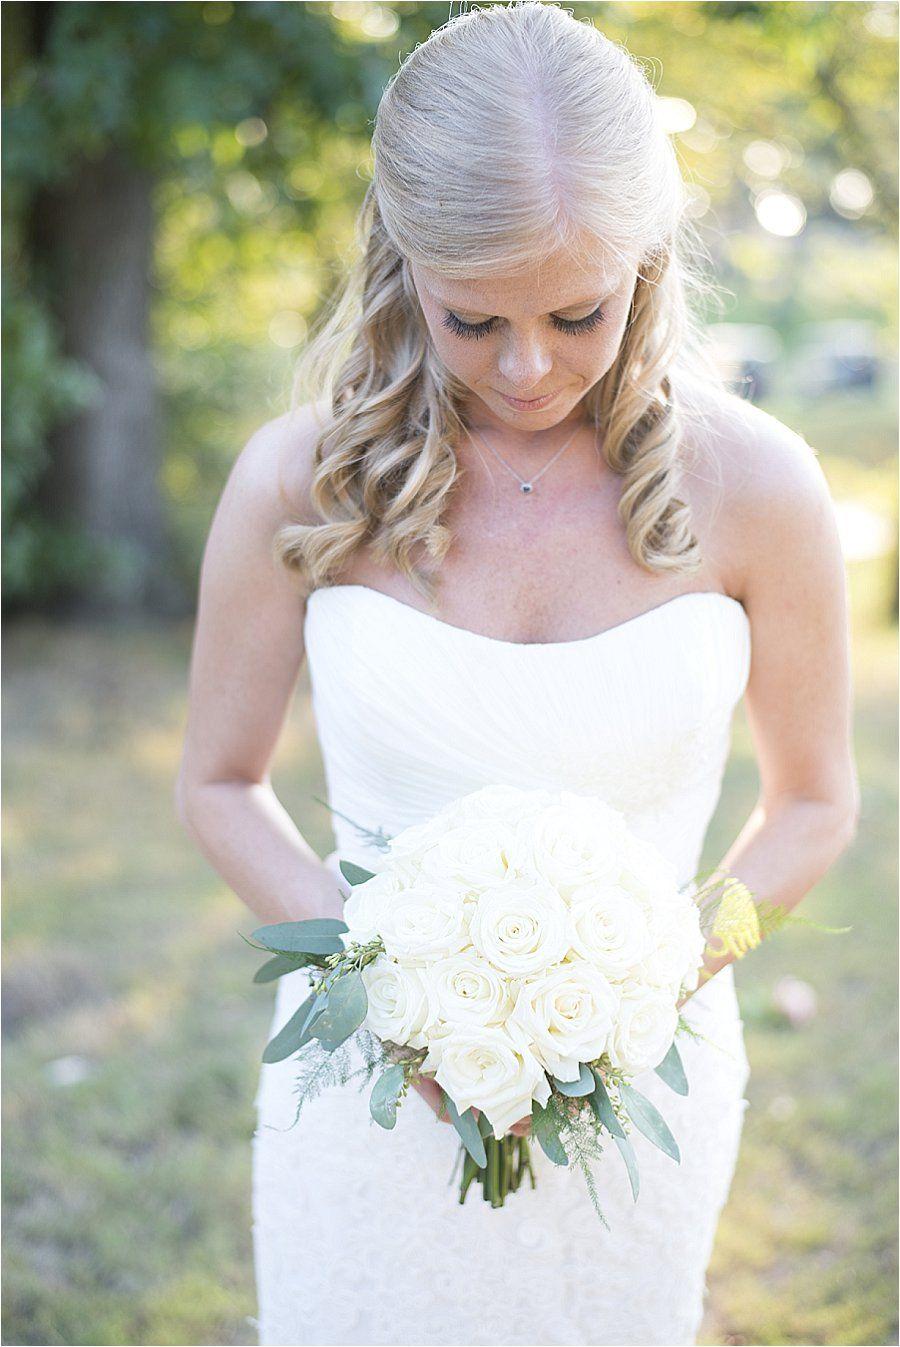 www.pearlwalker.com #louisianaweddingphotography #cypressbendresot #destinationweddingphotographer #destinationweddings #ido #weddings